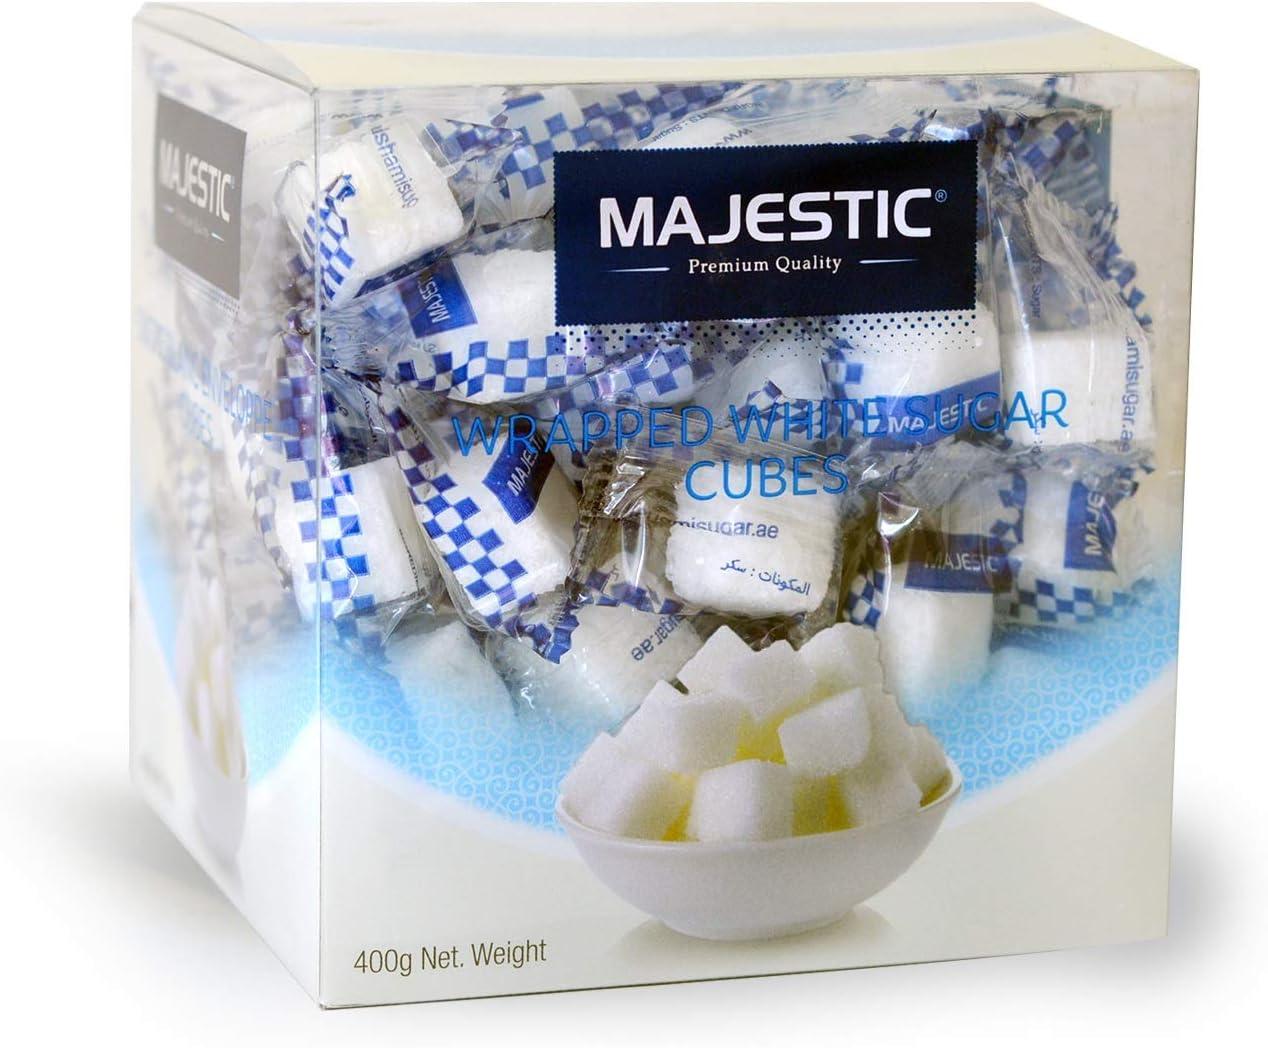 سعر Majestic Wrapped White Sugar Cubes 400 Gm فى الامارات بواسطة امازون الامارات كان بكام